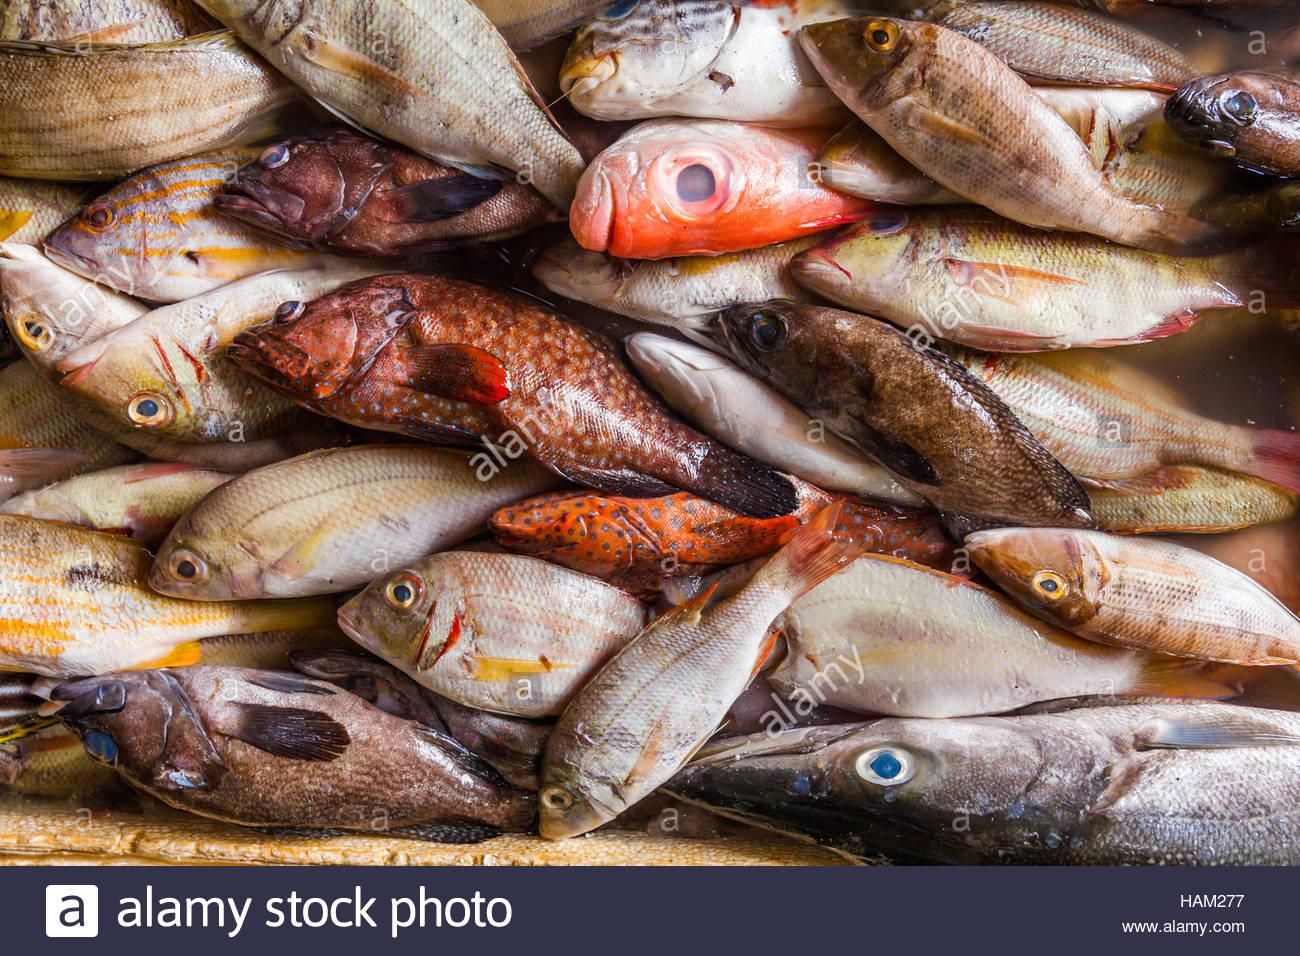 Meeresfrüchte auf Eis am Fischmarkt Stockbild